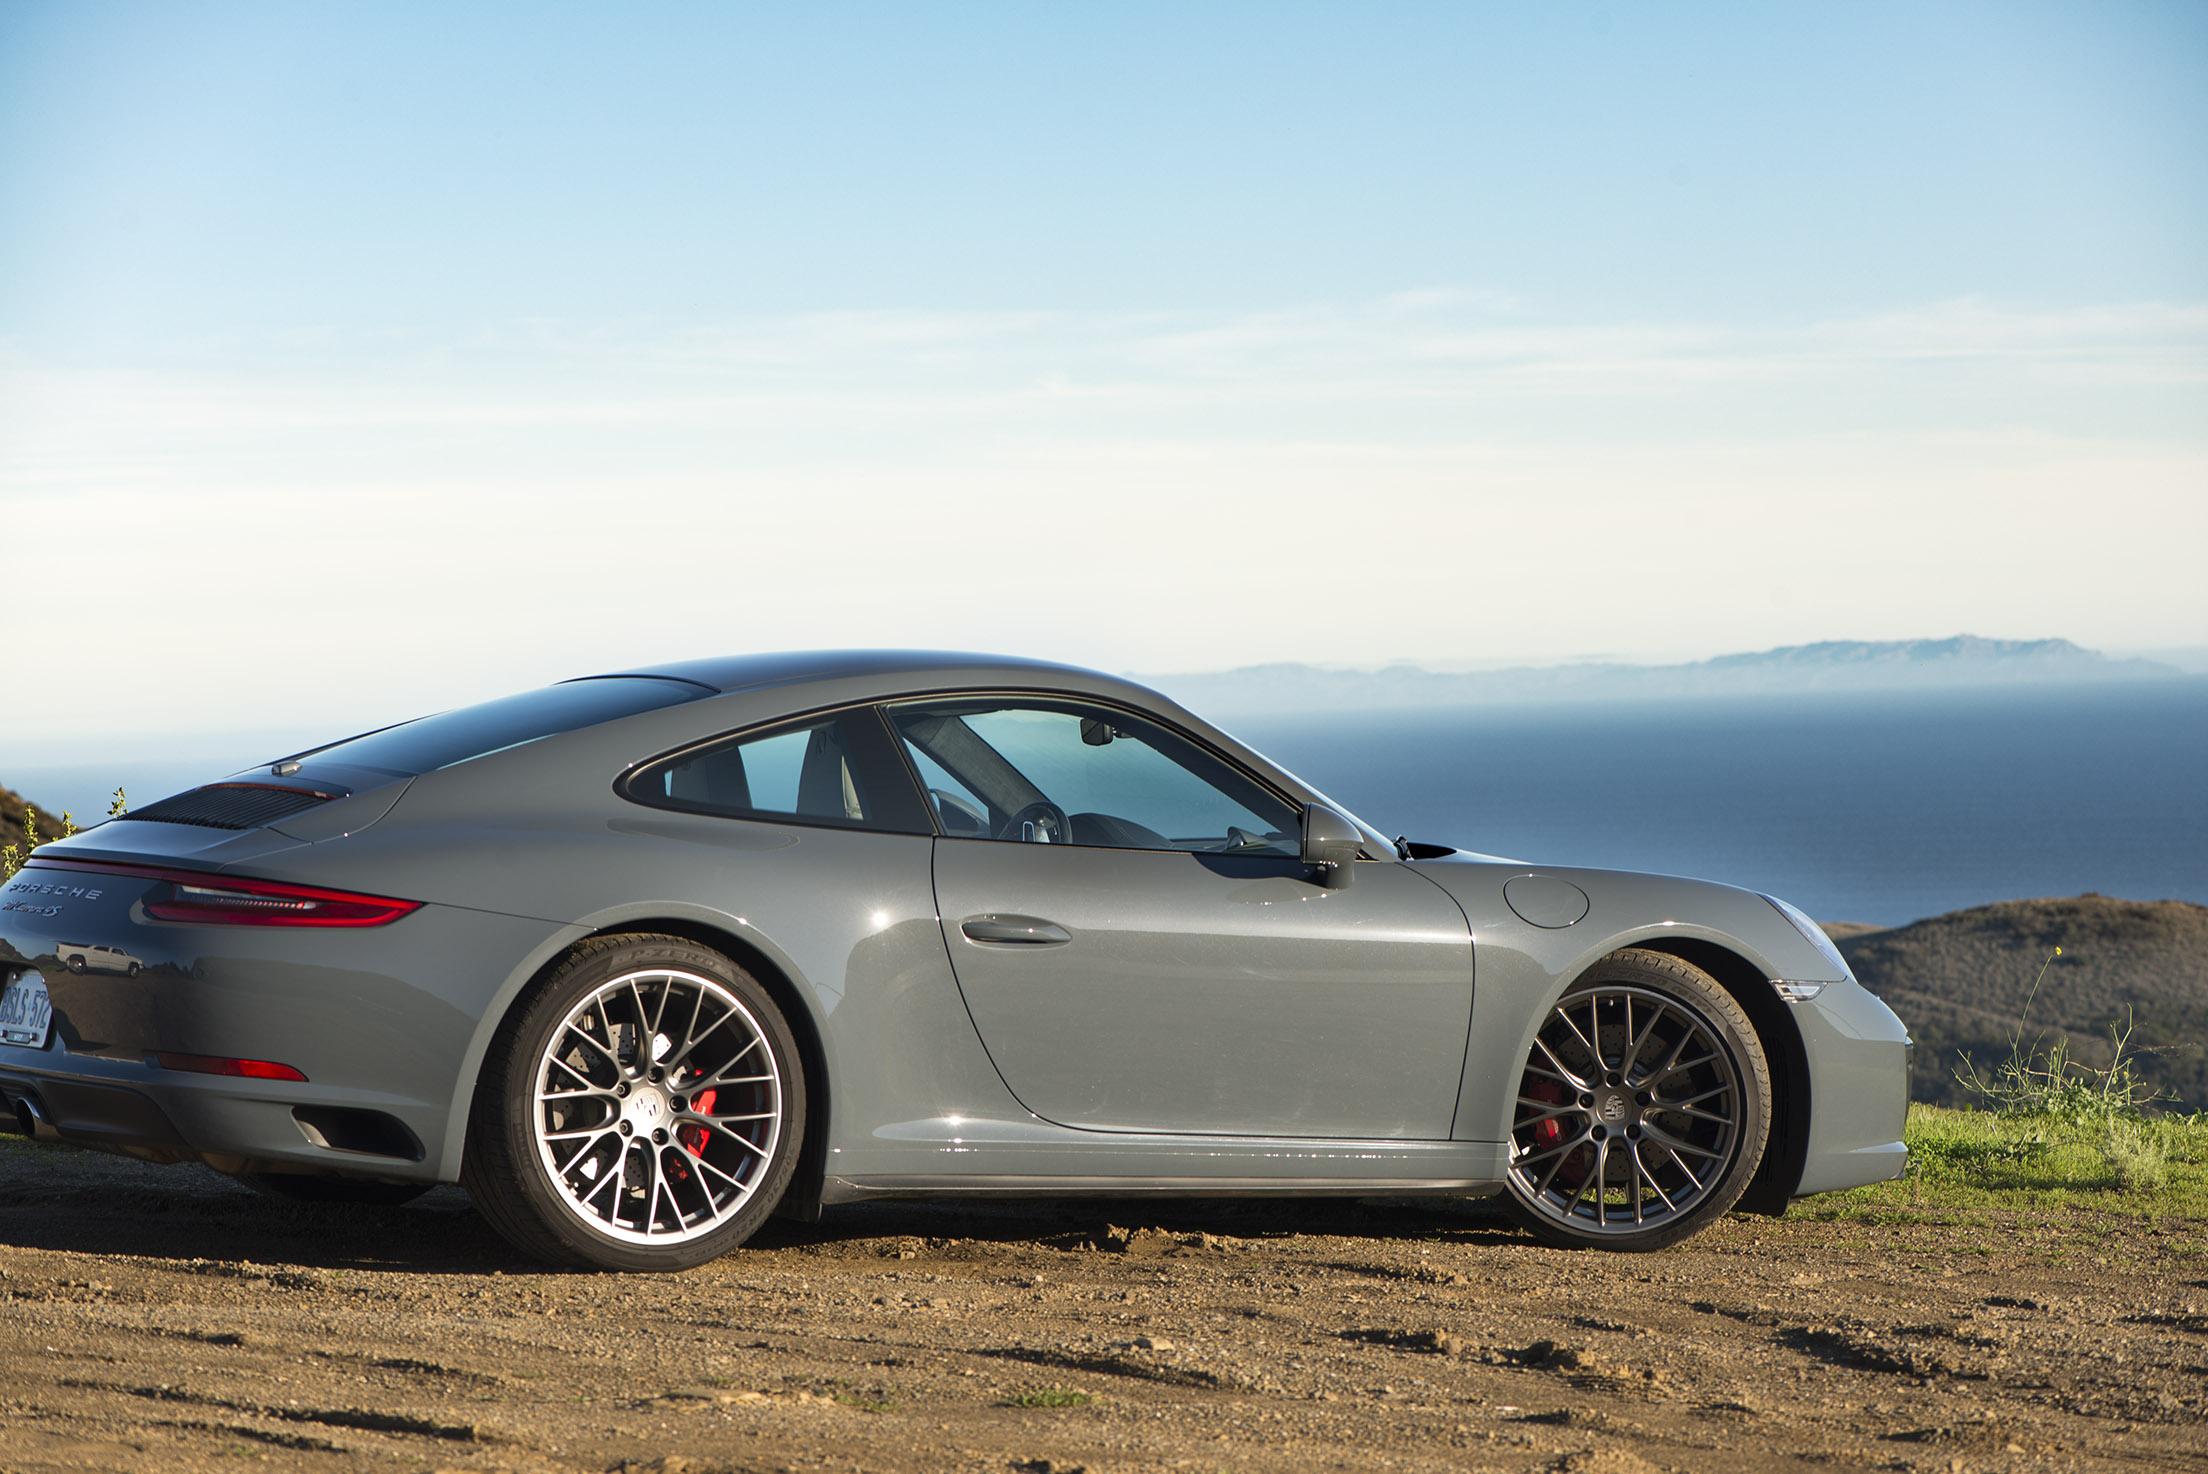 TrackWorthy - Toronto to LA - Porsche 911 C4S 991.2 - 012